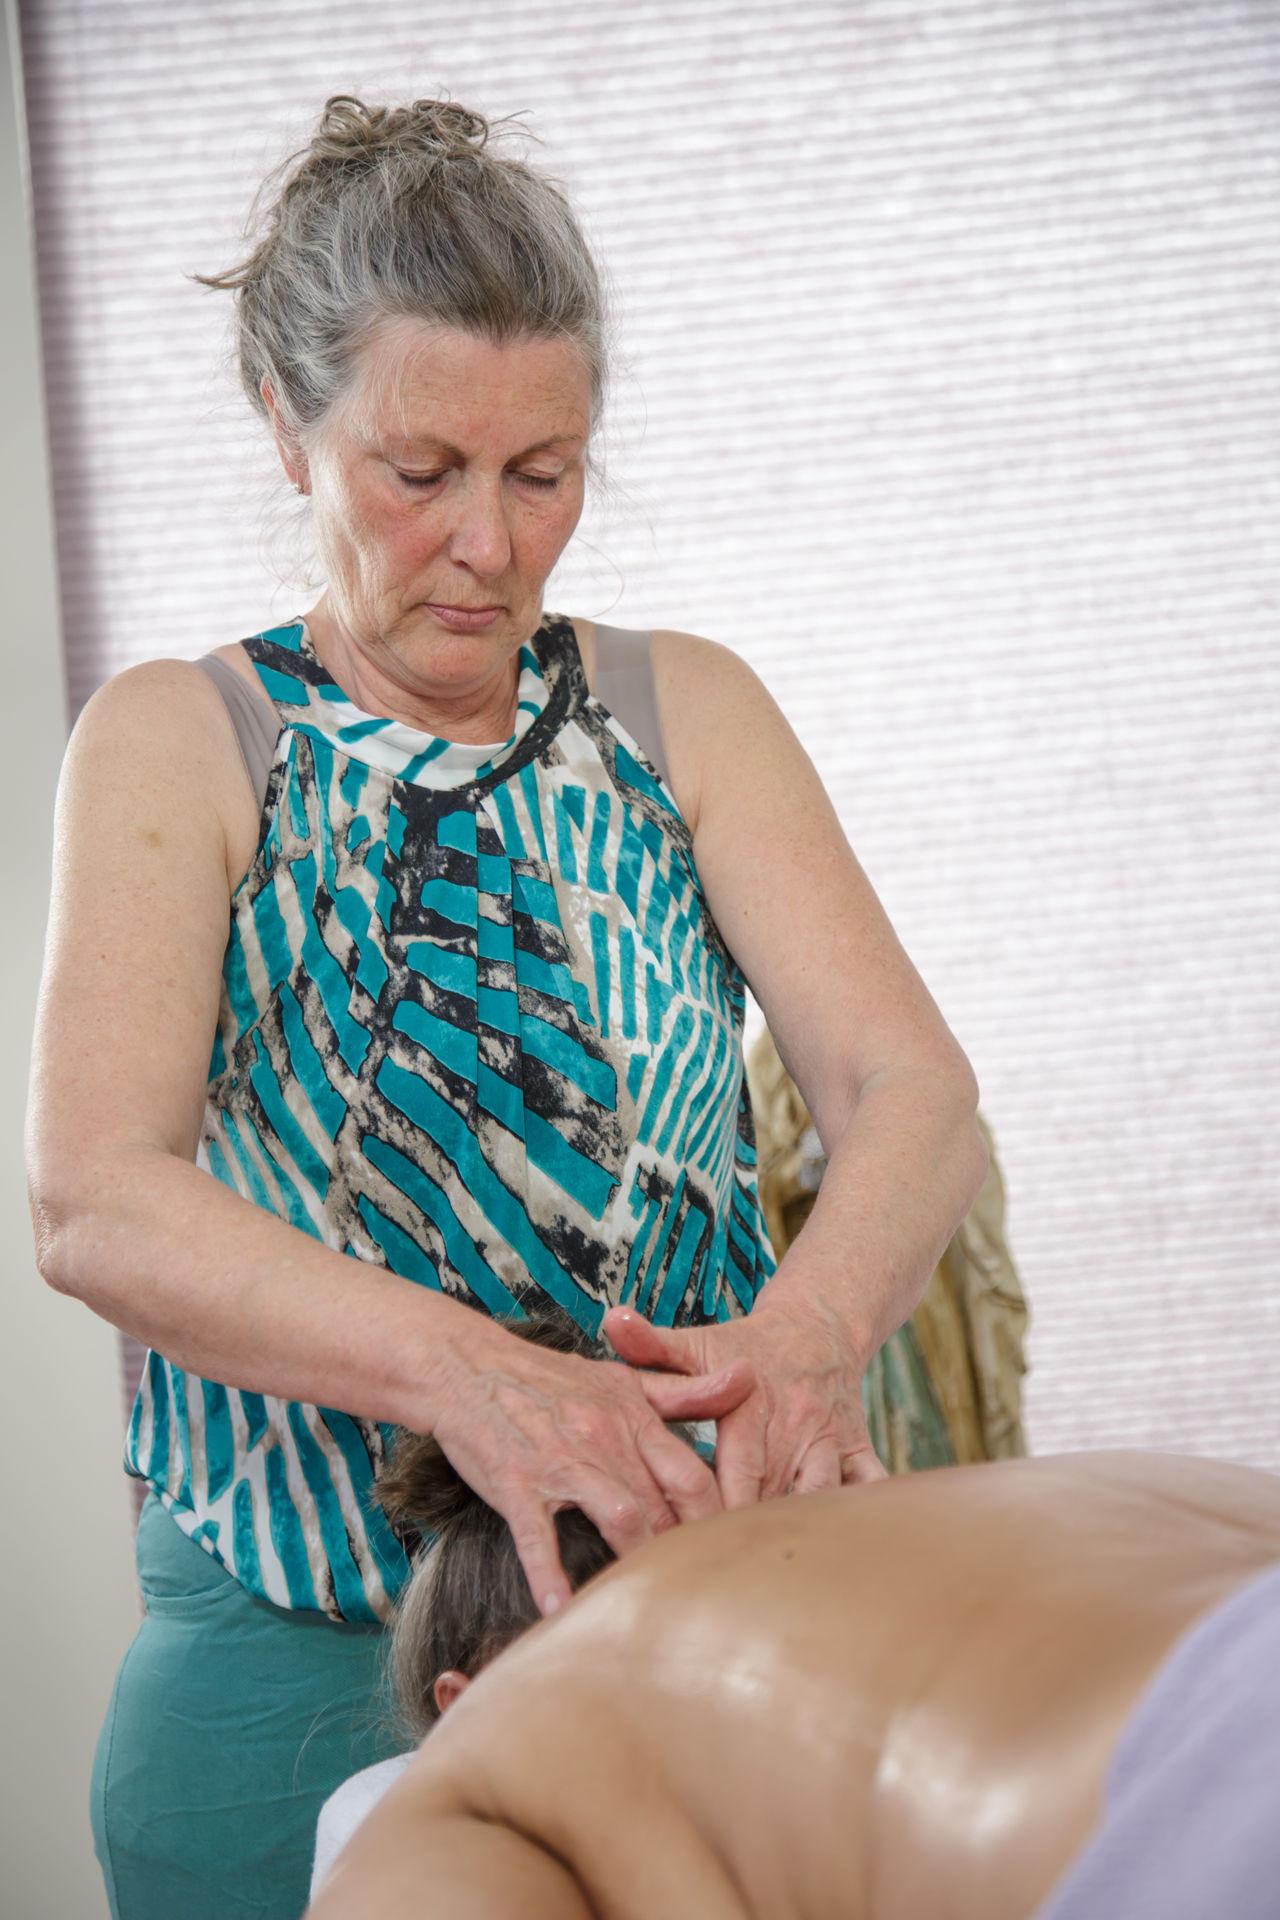 Haptische massage in de overgang - overgangsconsulente Silvia Arentsen